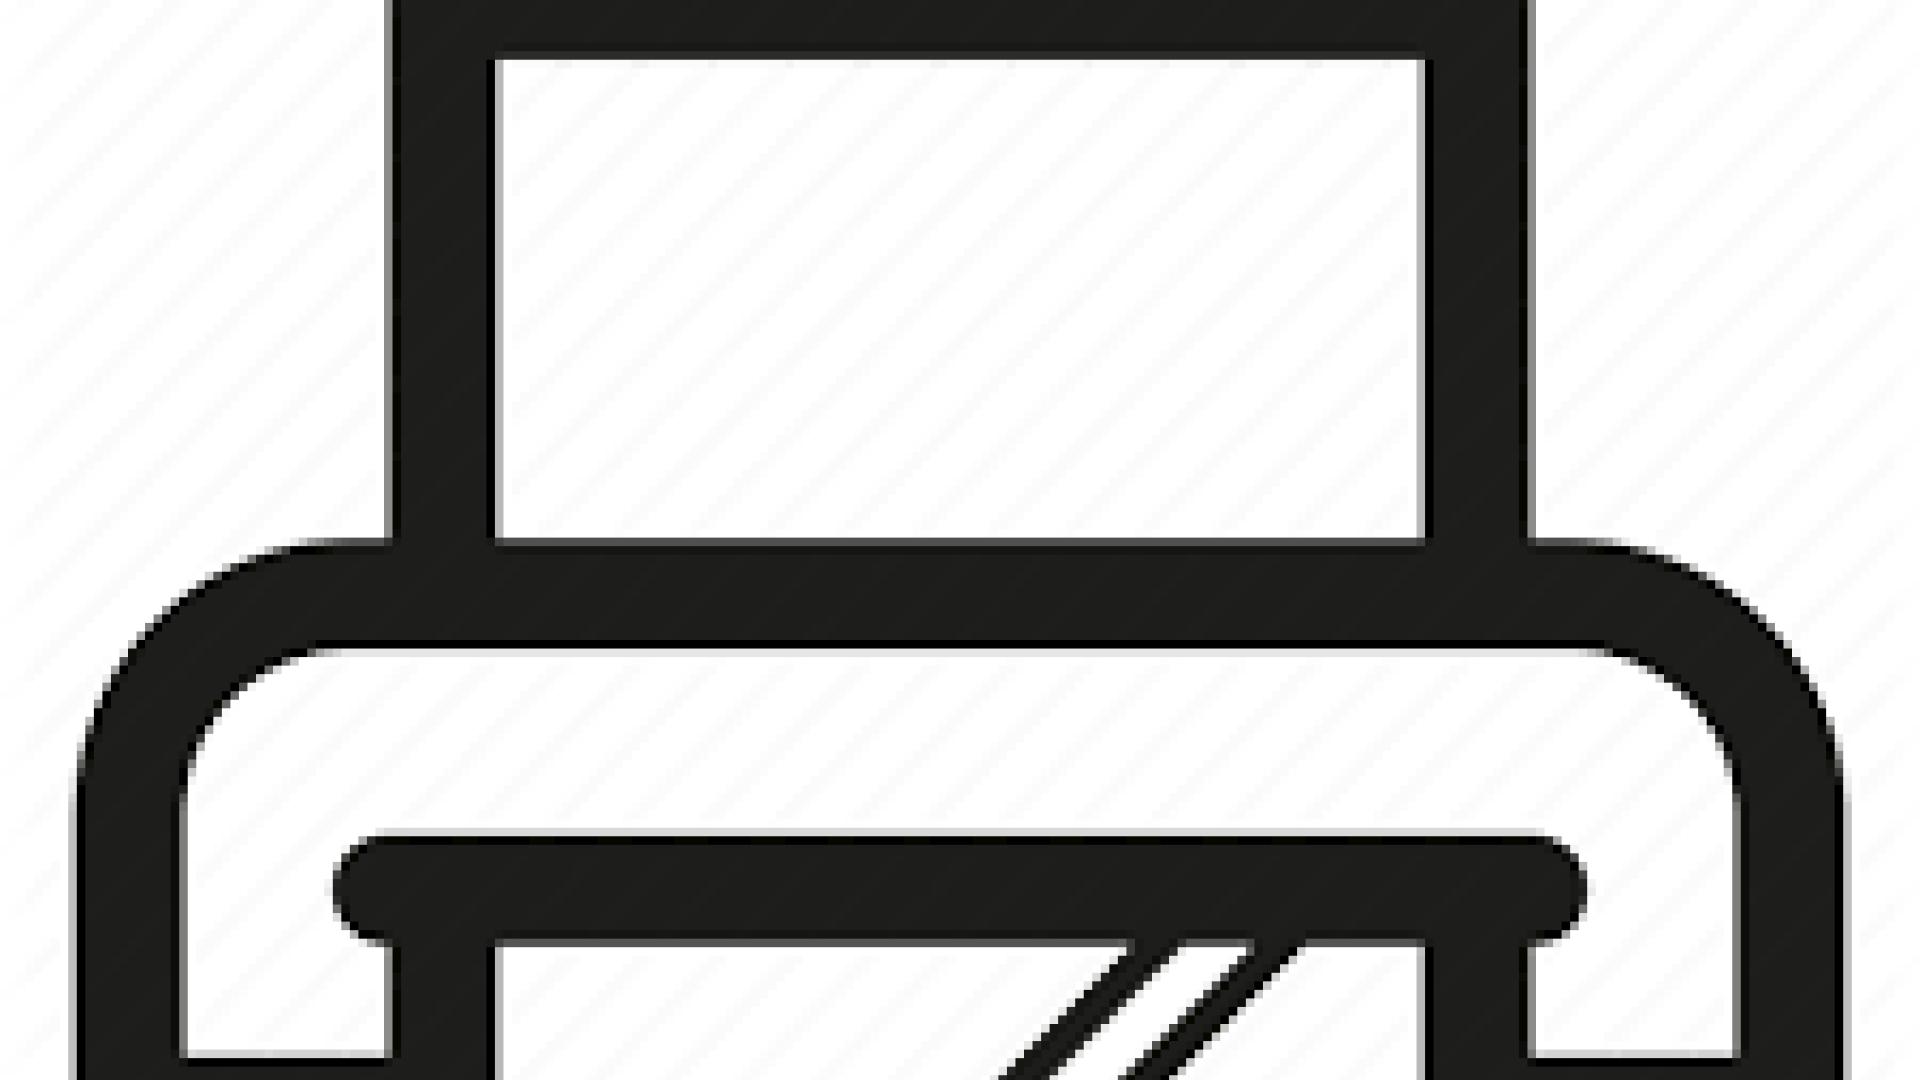 biro-masine-laminator-sreder-koricenje